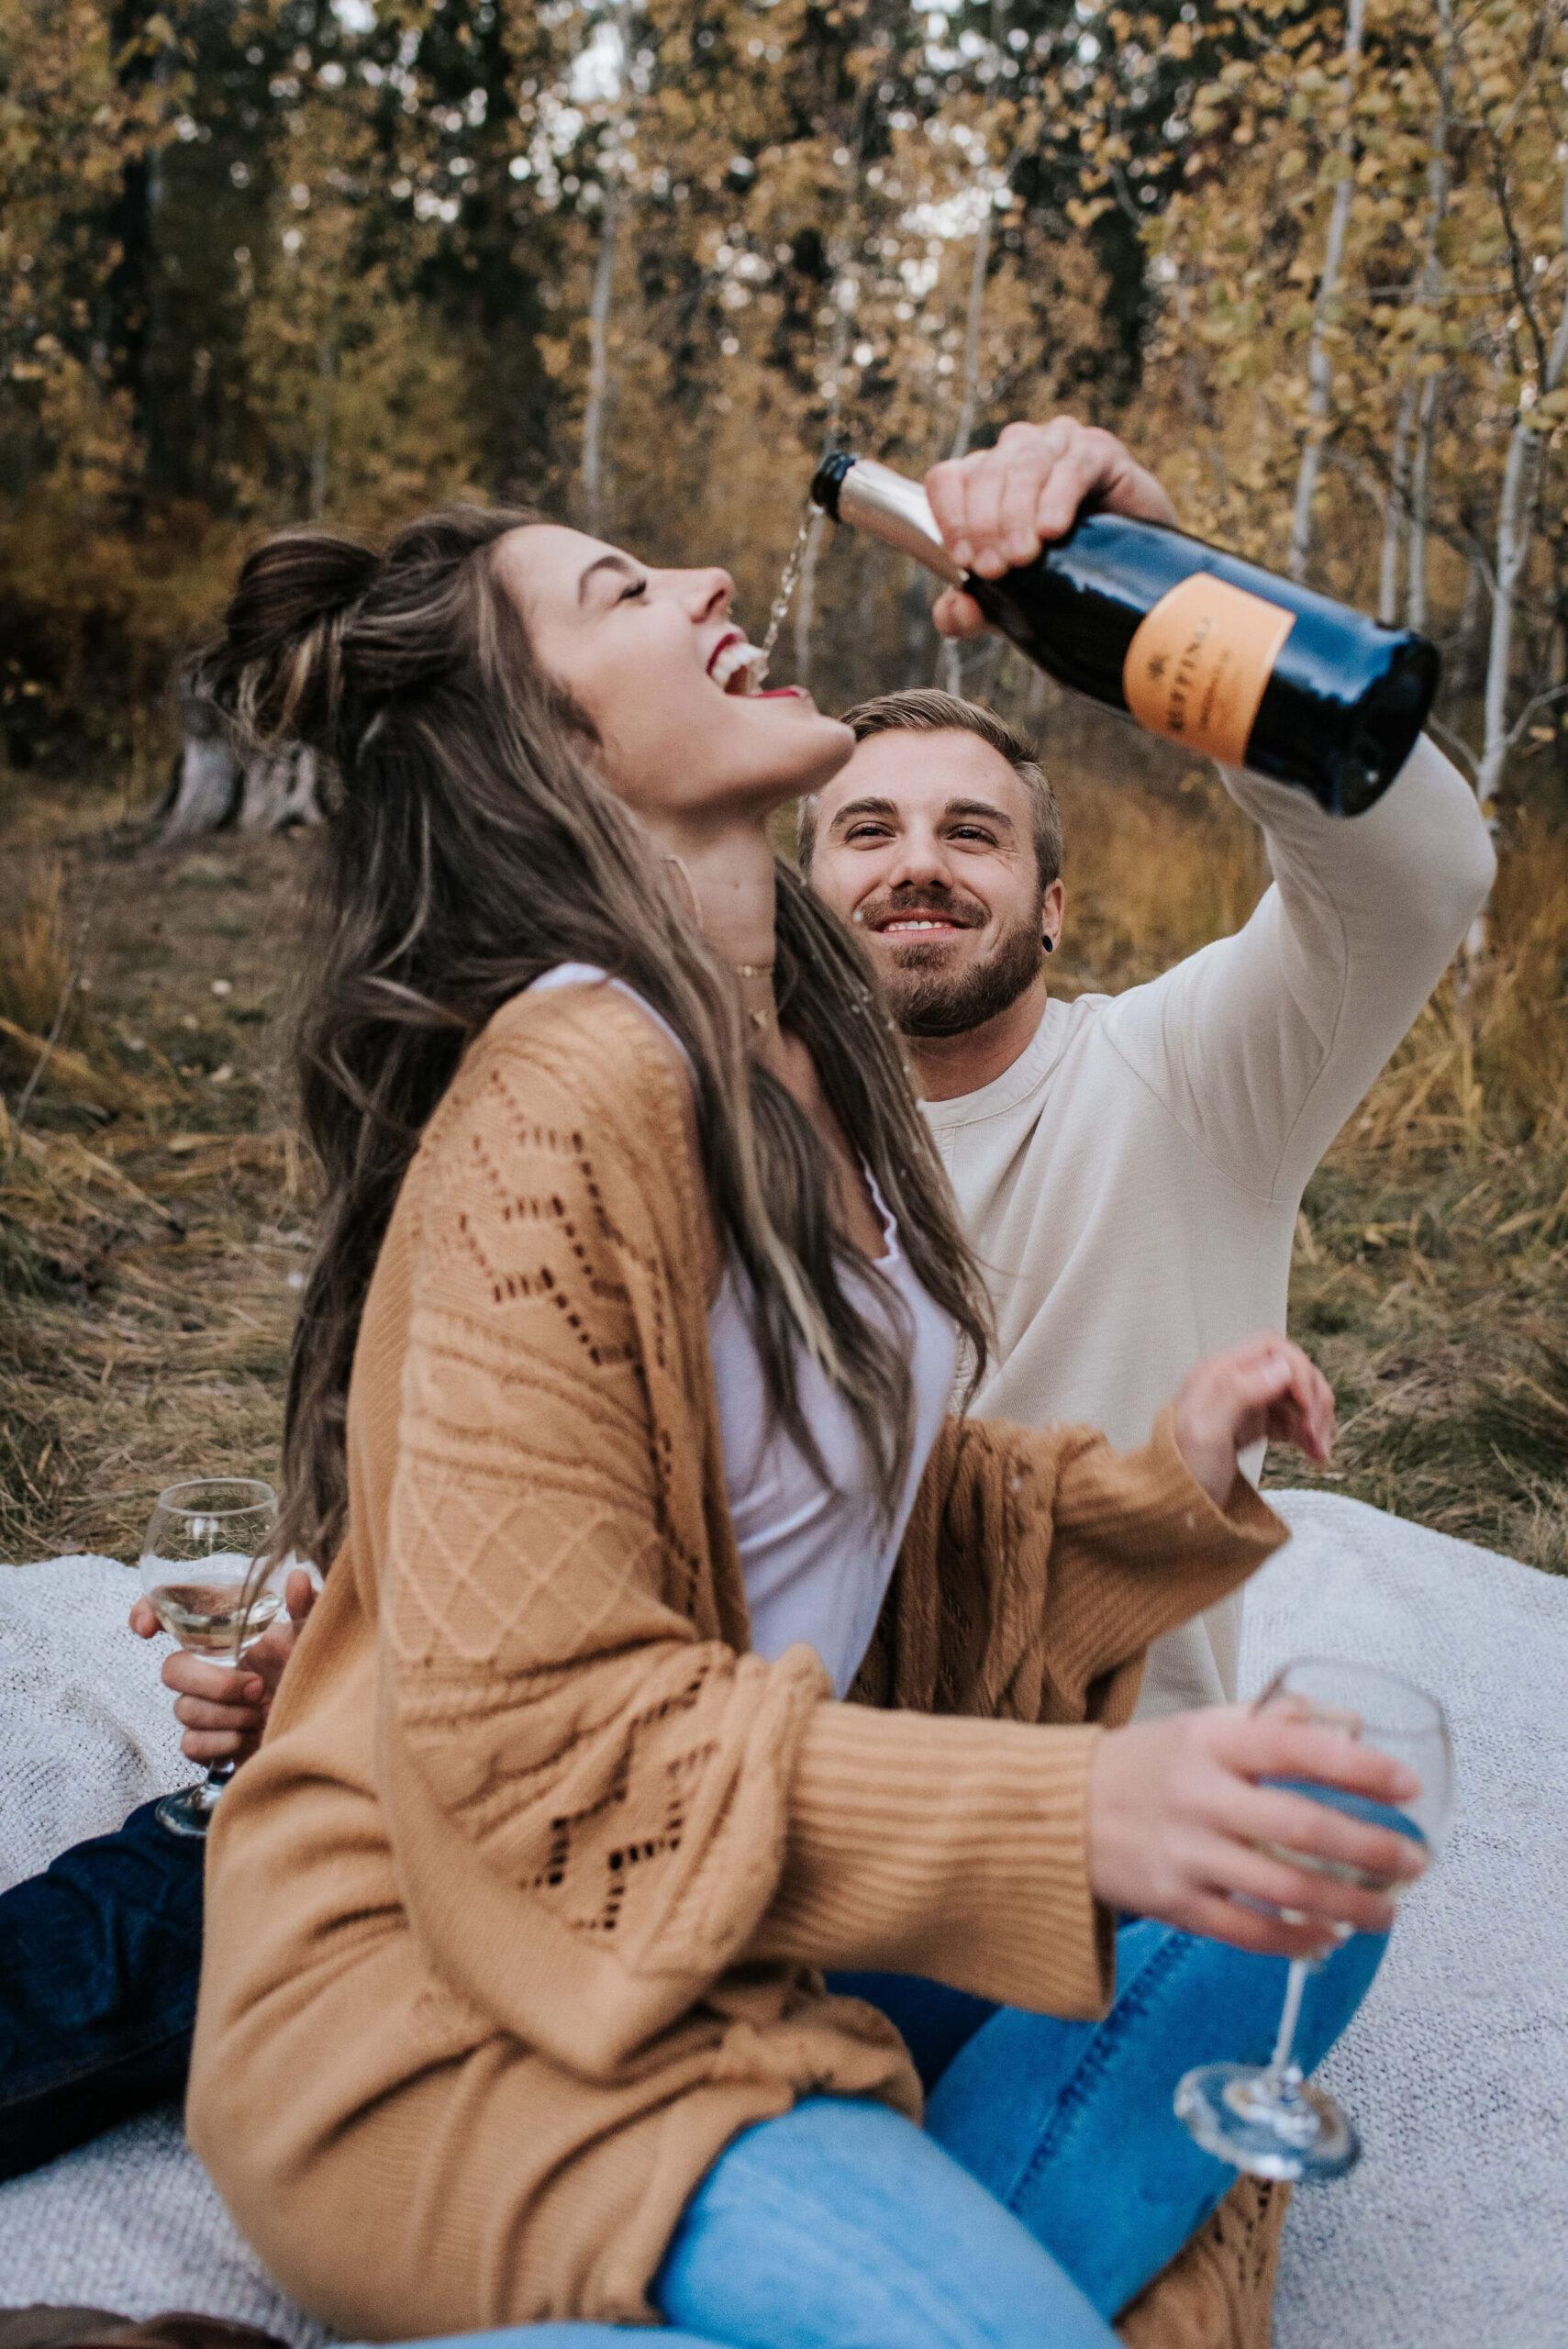 Verloofd stel met champagne